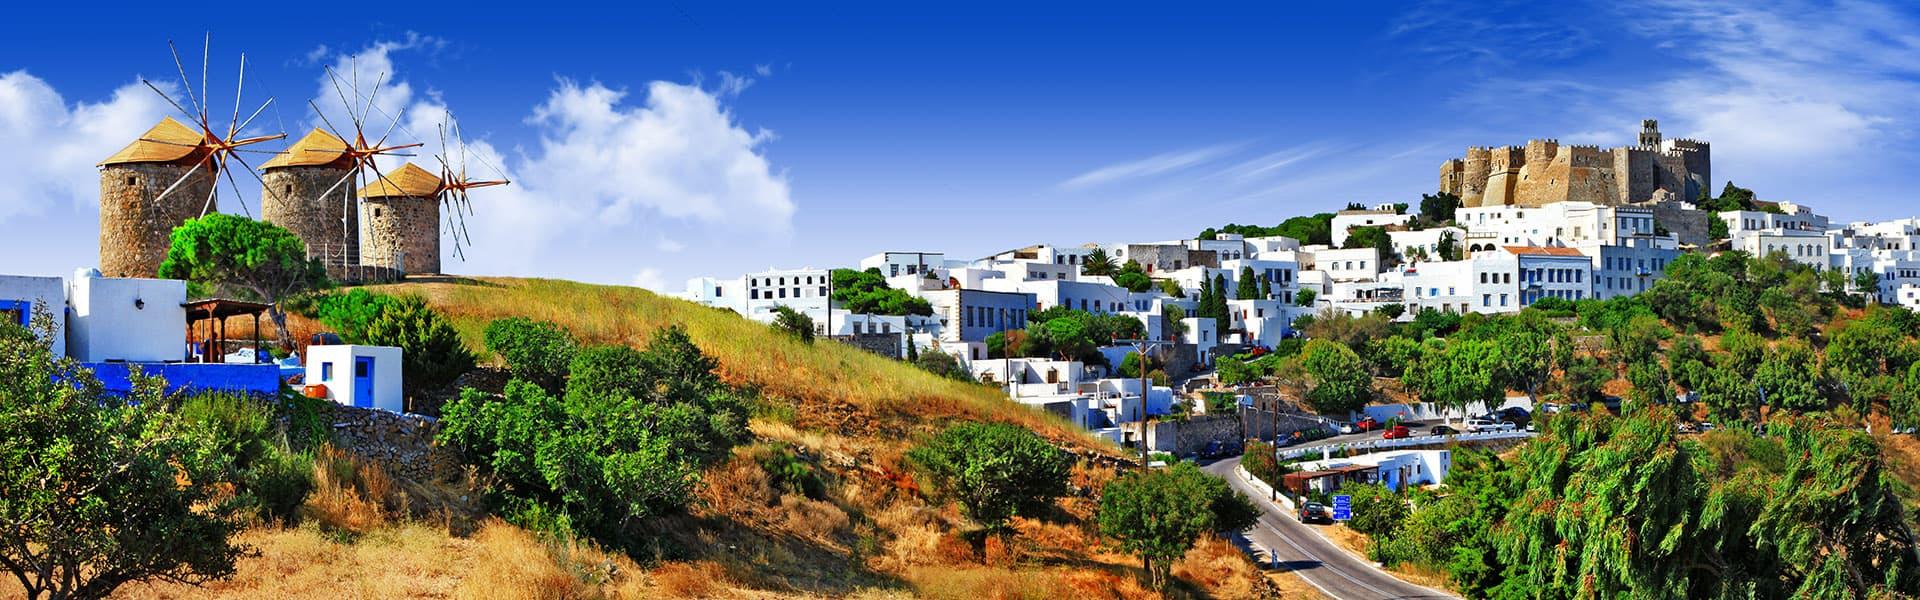 Islas griegas:Santorini, Miconos y Rodas